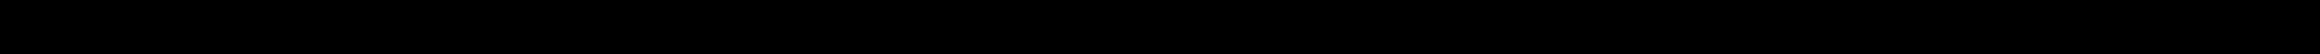 MANN-FILTER 64 31 6 925 981, 64 31 6 946 629, 64 31 6 962 548, 64 31 6 962 551, 64 31 9 142 114 Suodatin, sisäilma